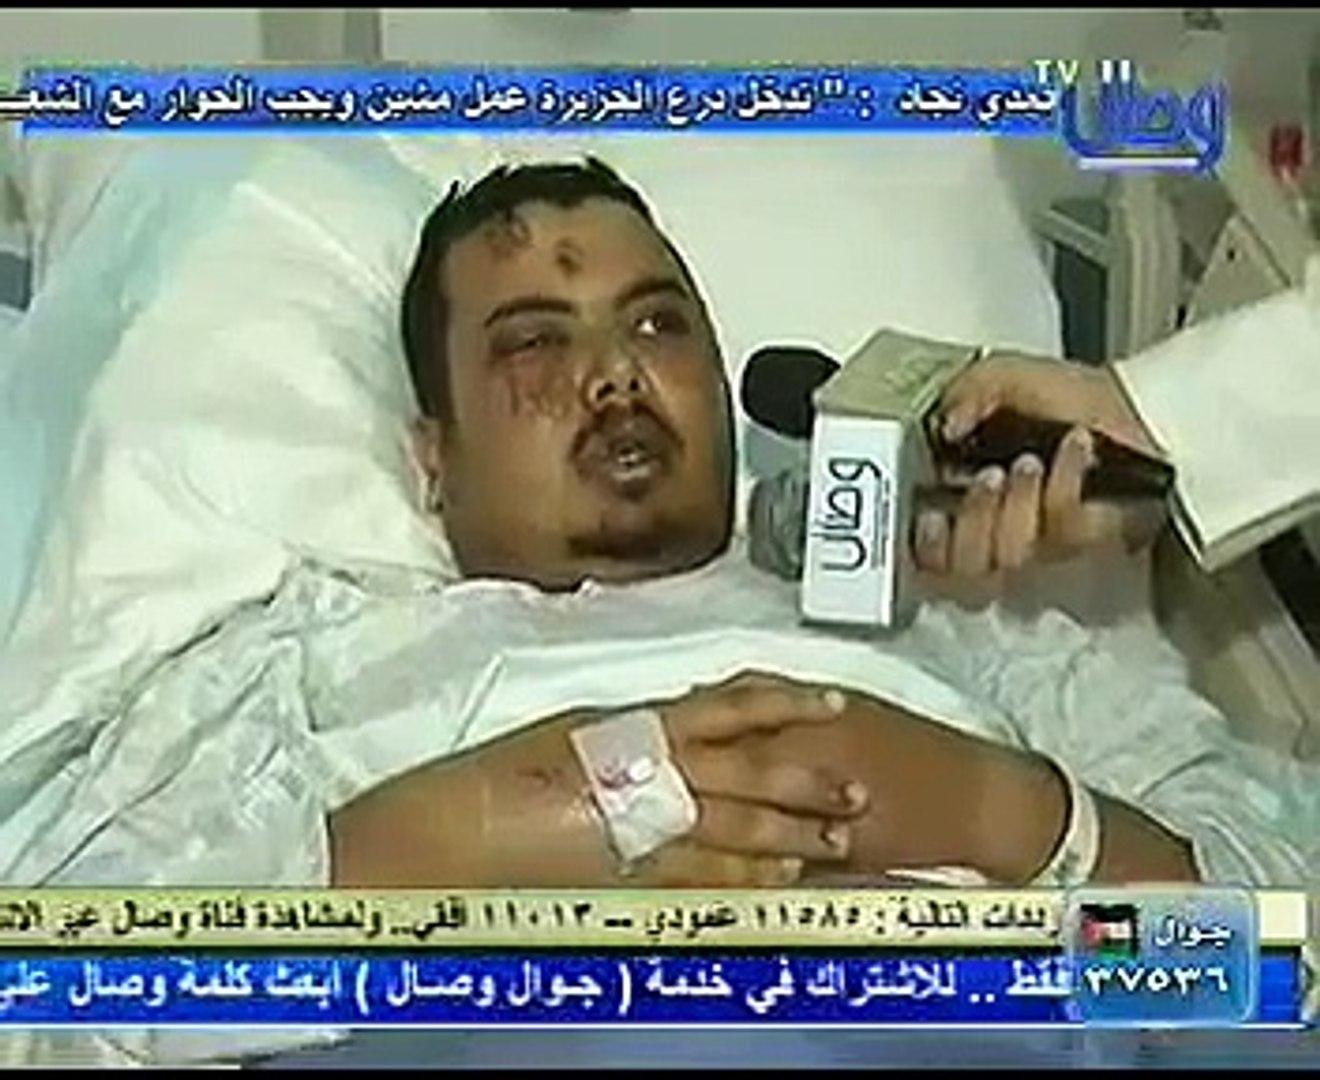 احد طلاب جامعة البحرين يفضح جرائم الرافضة.flv